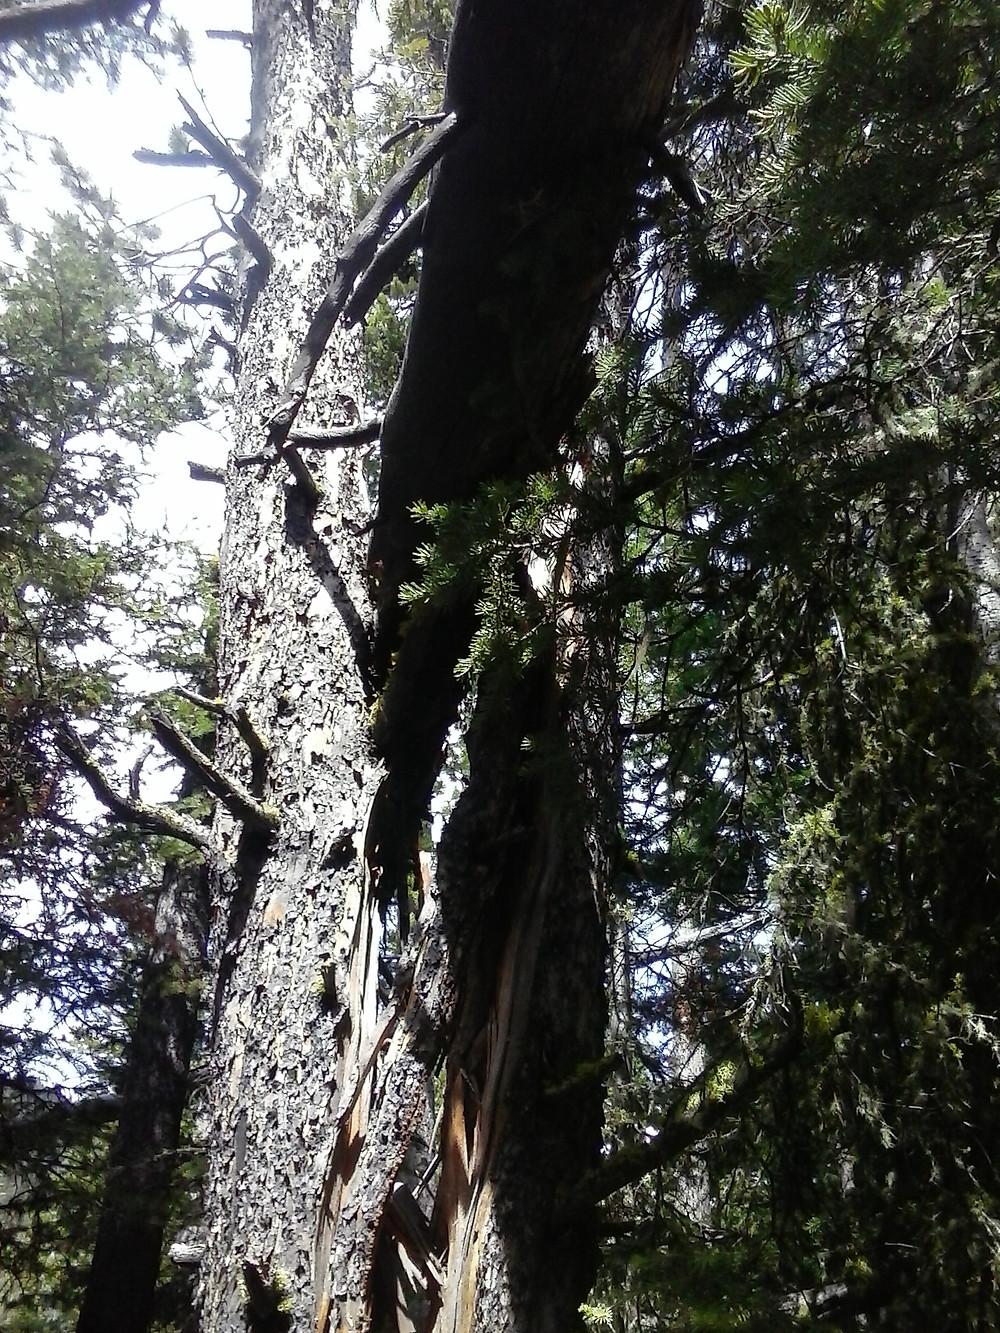 Fallen Tree along Blackmore Trail splitting a large healthy tree below it.  Bozeman Hiking.